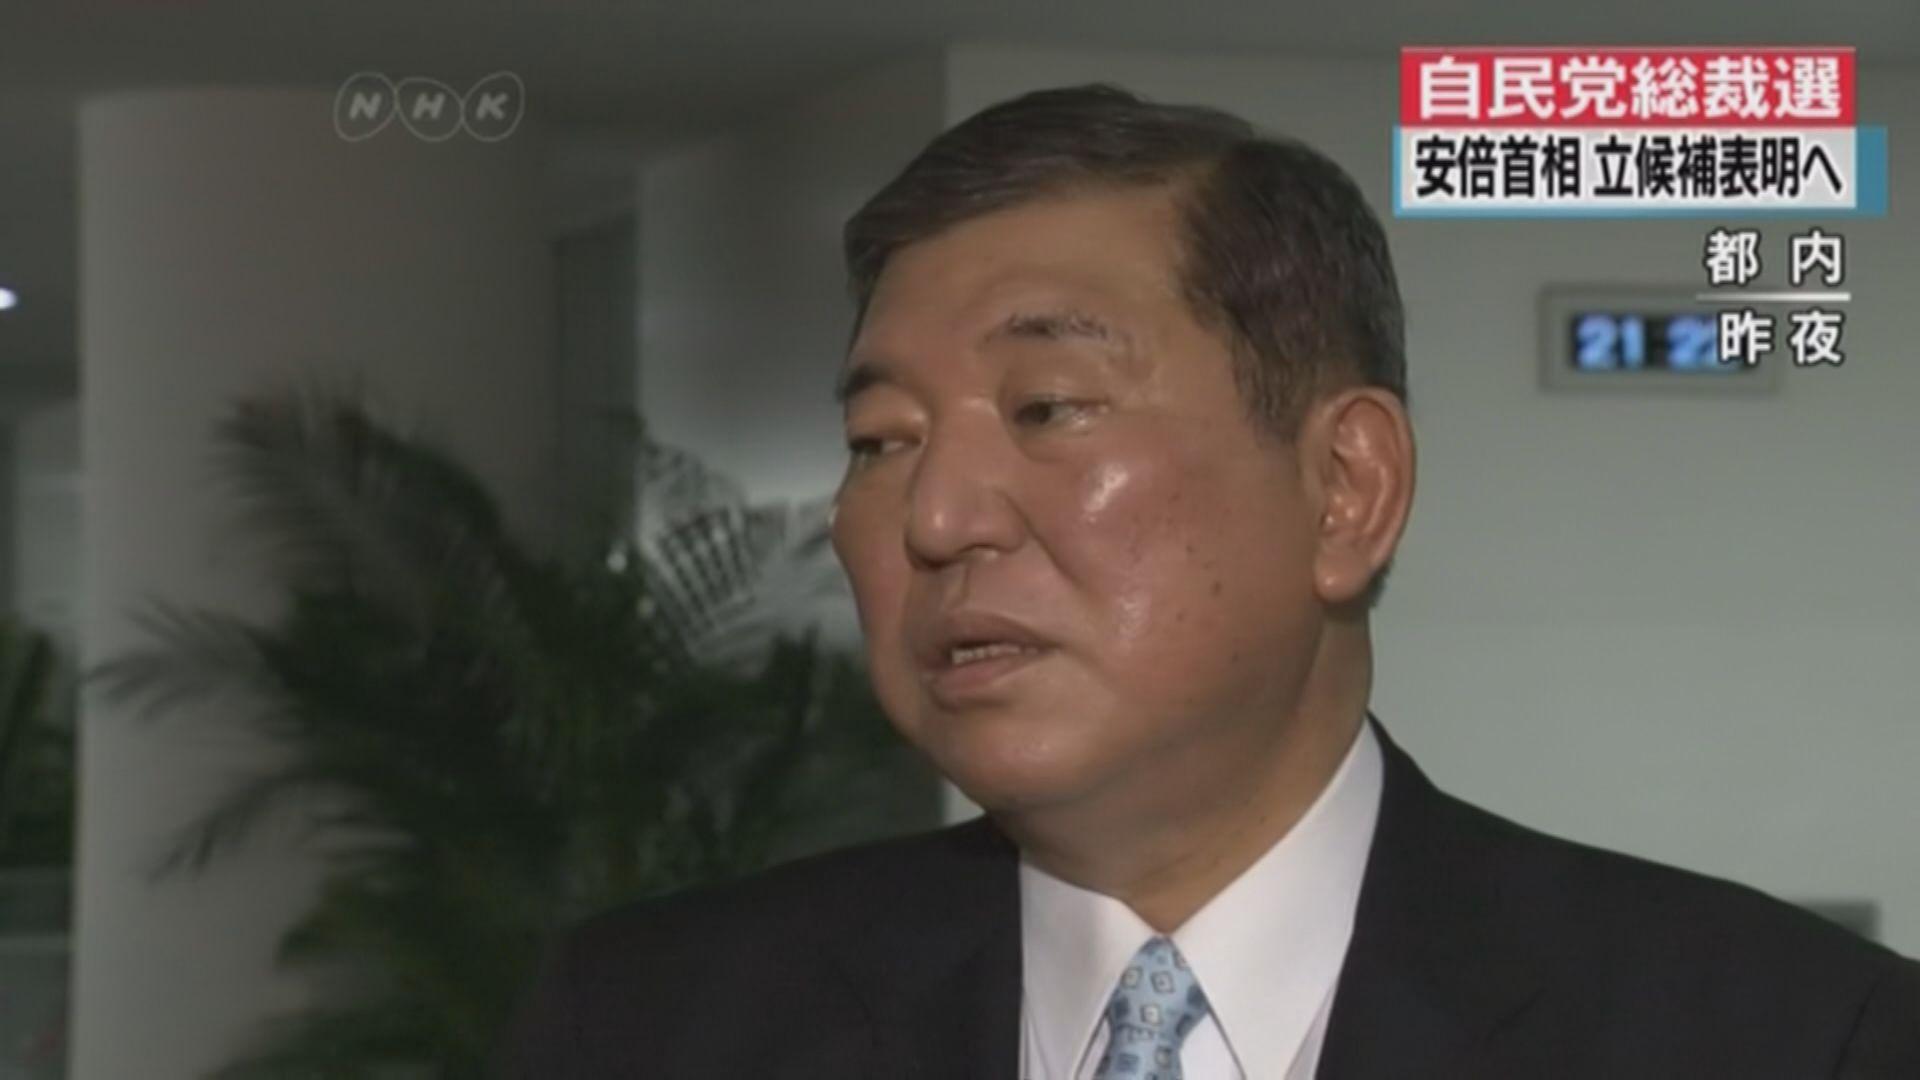 日前防衛大臣石破茂接班呼聲最高 菅義偉、岸田文雄或是首相人選